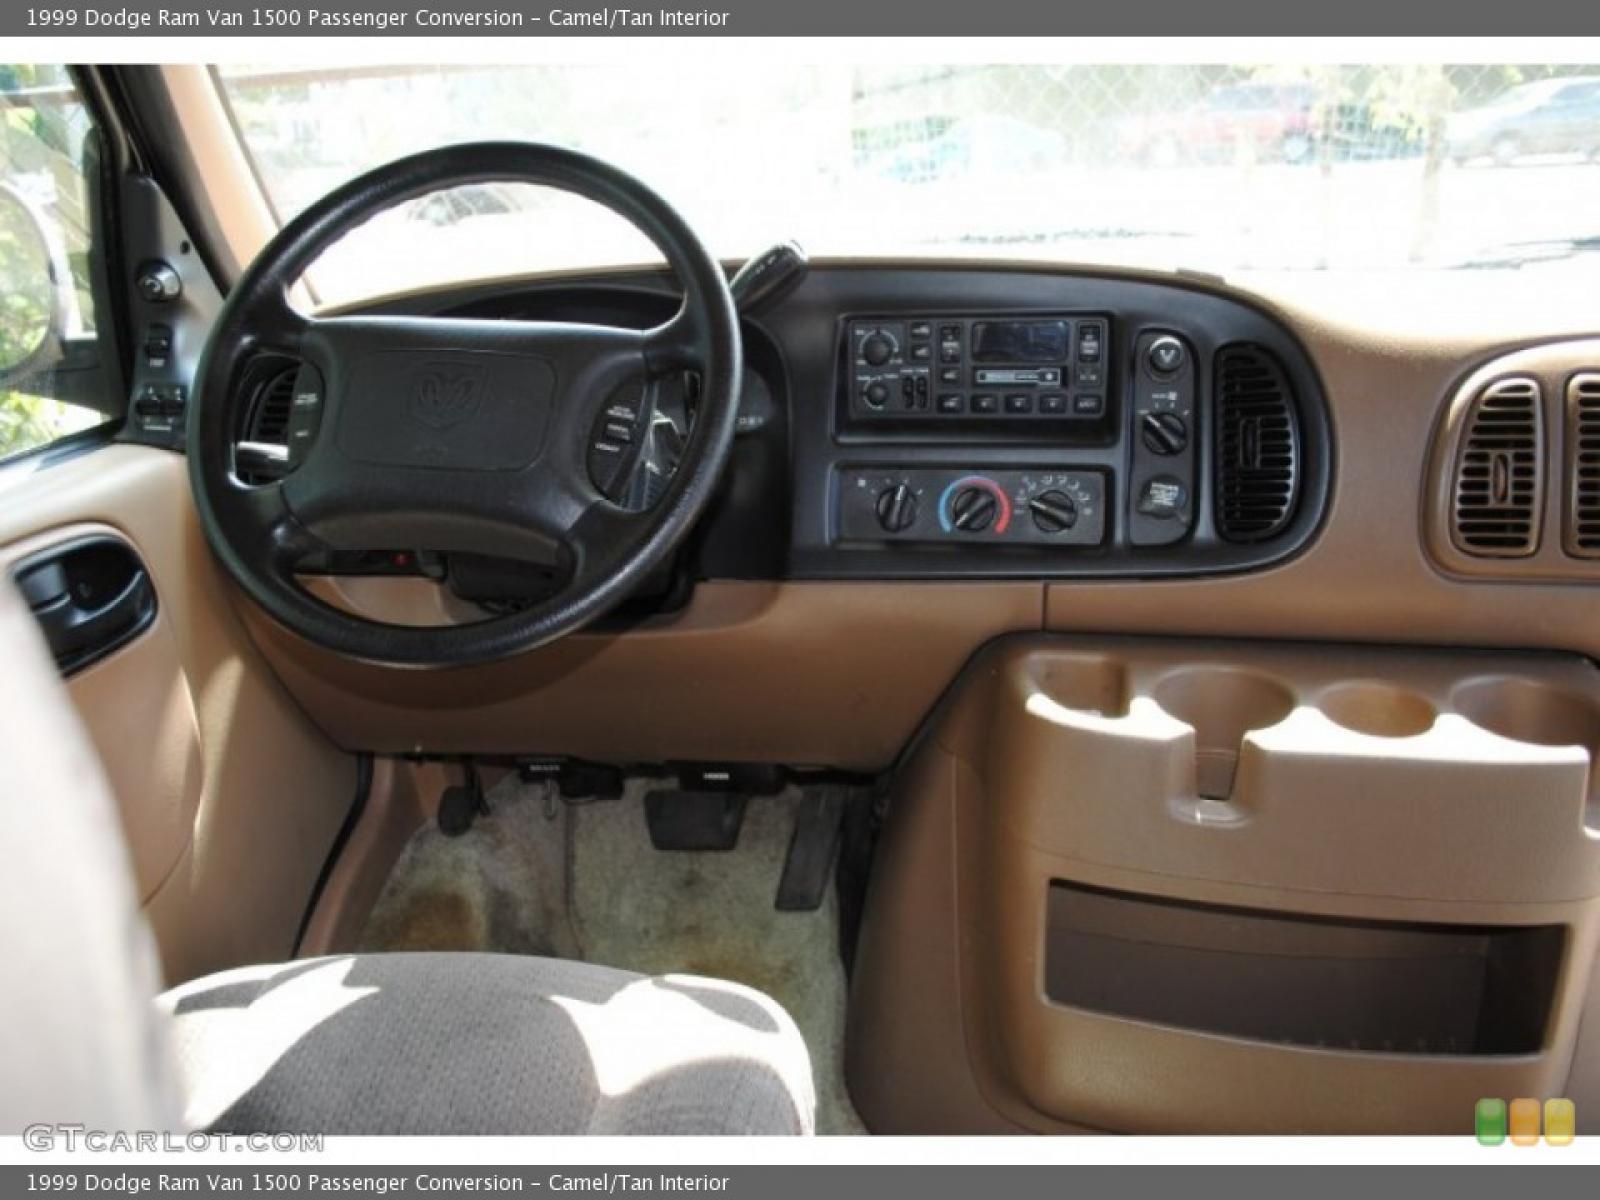 800 1024 1280 1600 Origin 1999 Dodge Ram Van